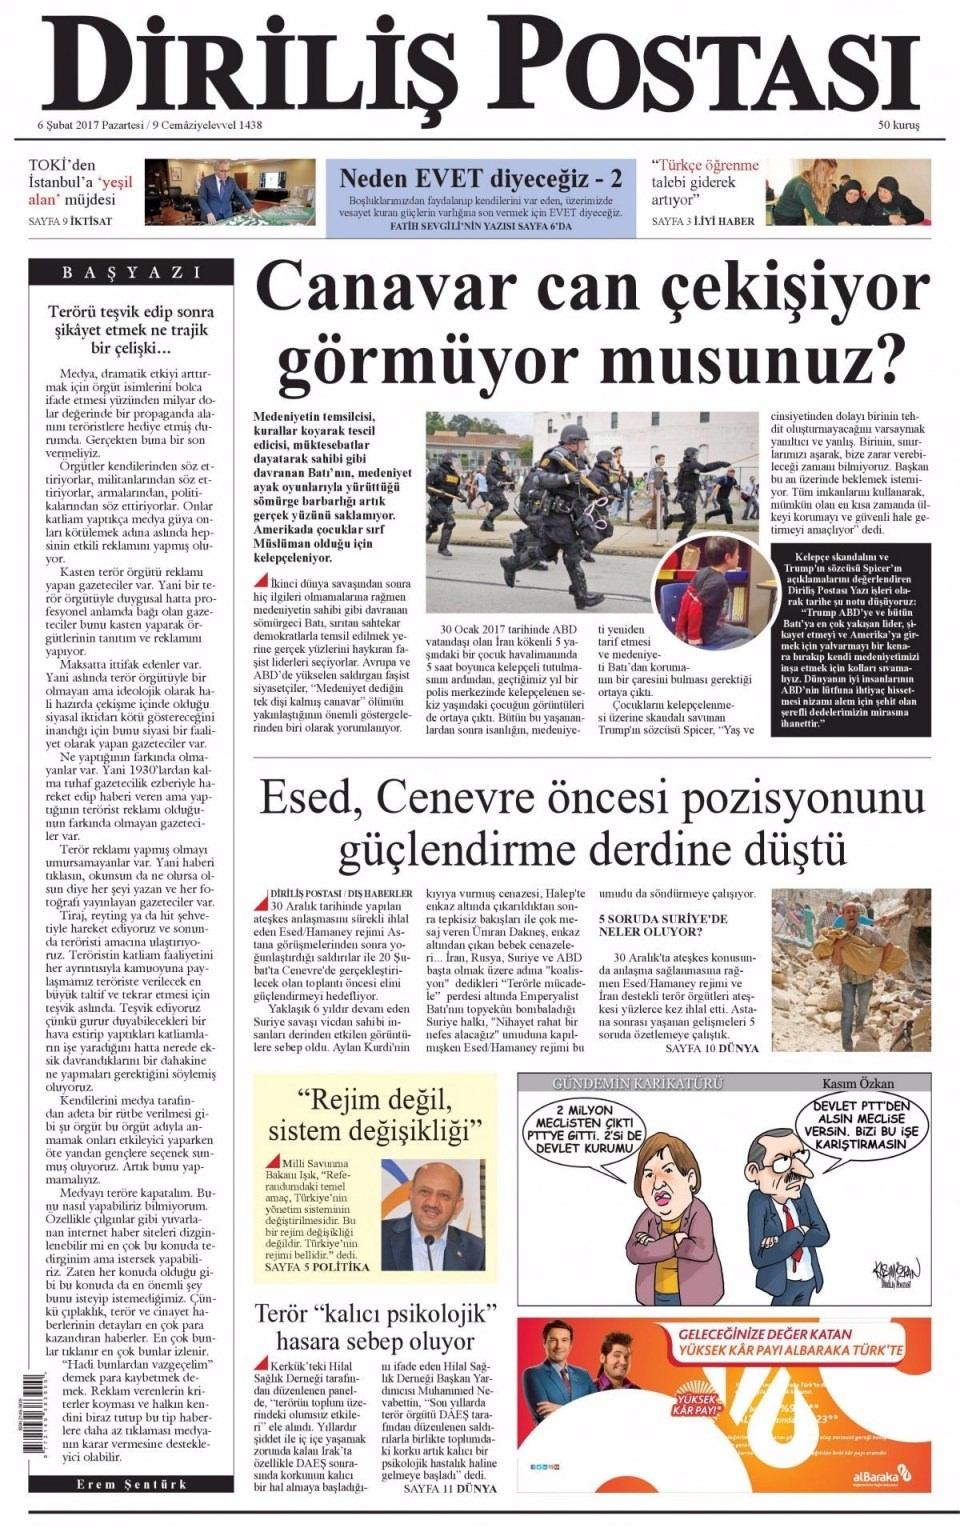 6 Şubat Pazartesi Gazete Manşetleri 21